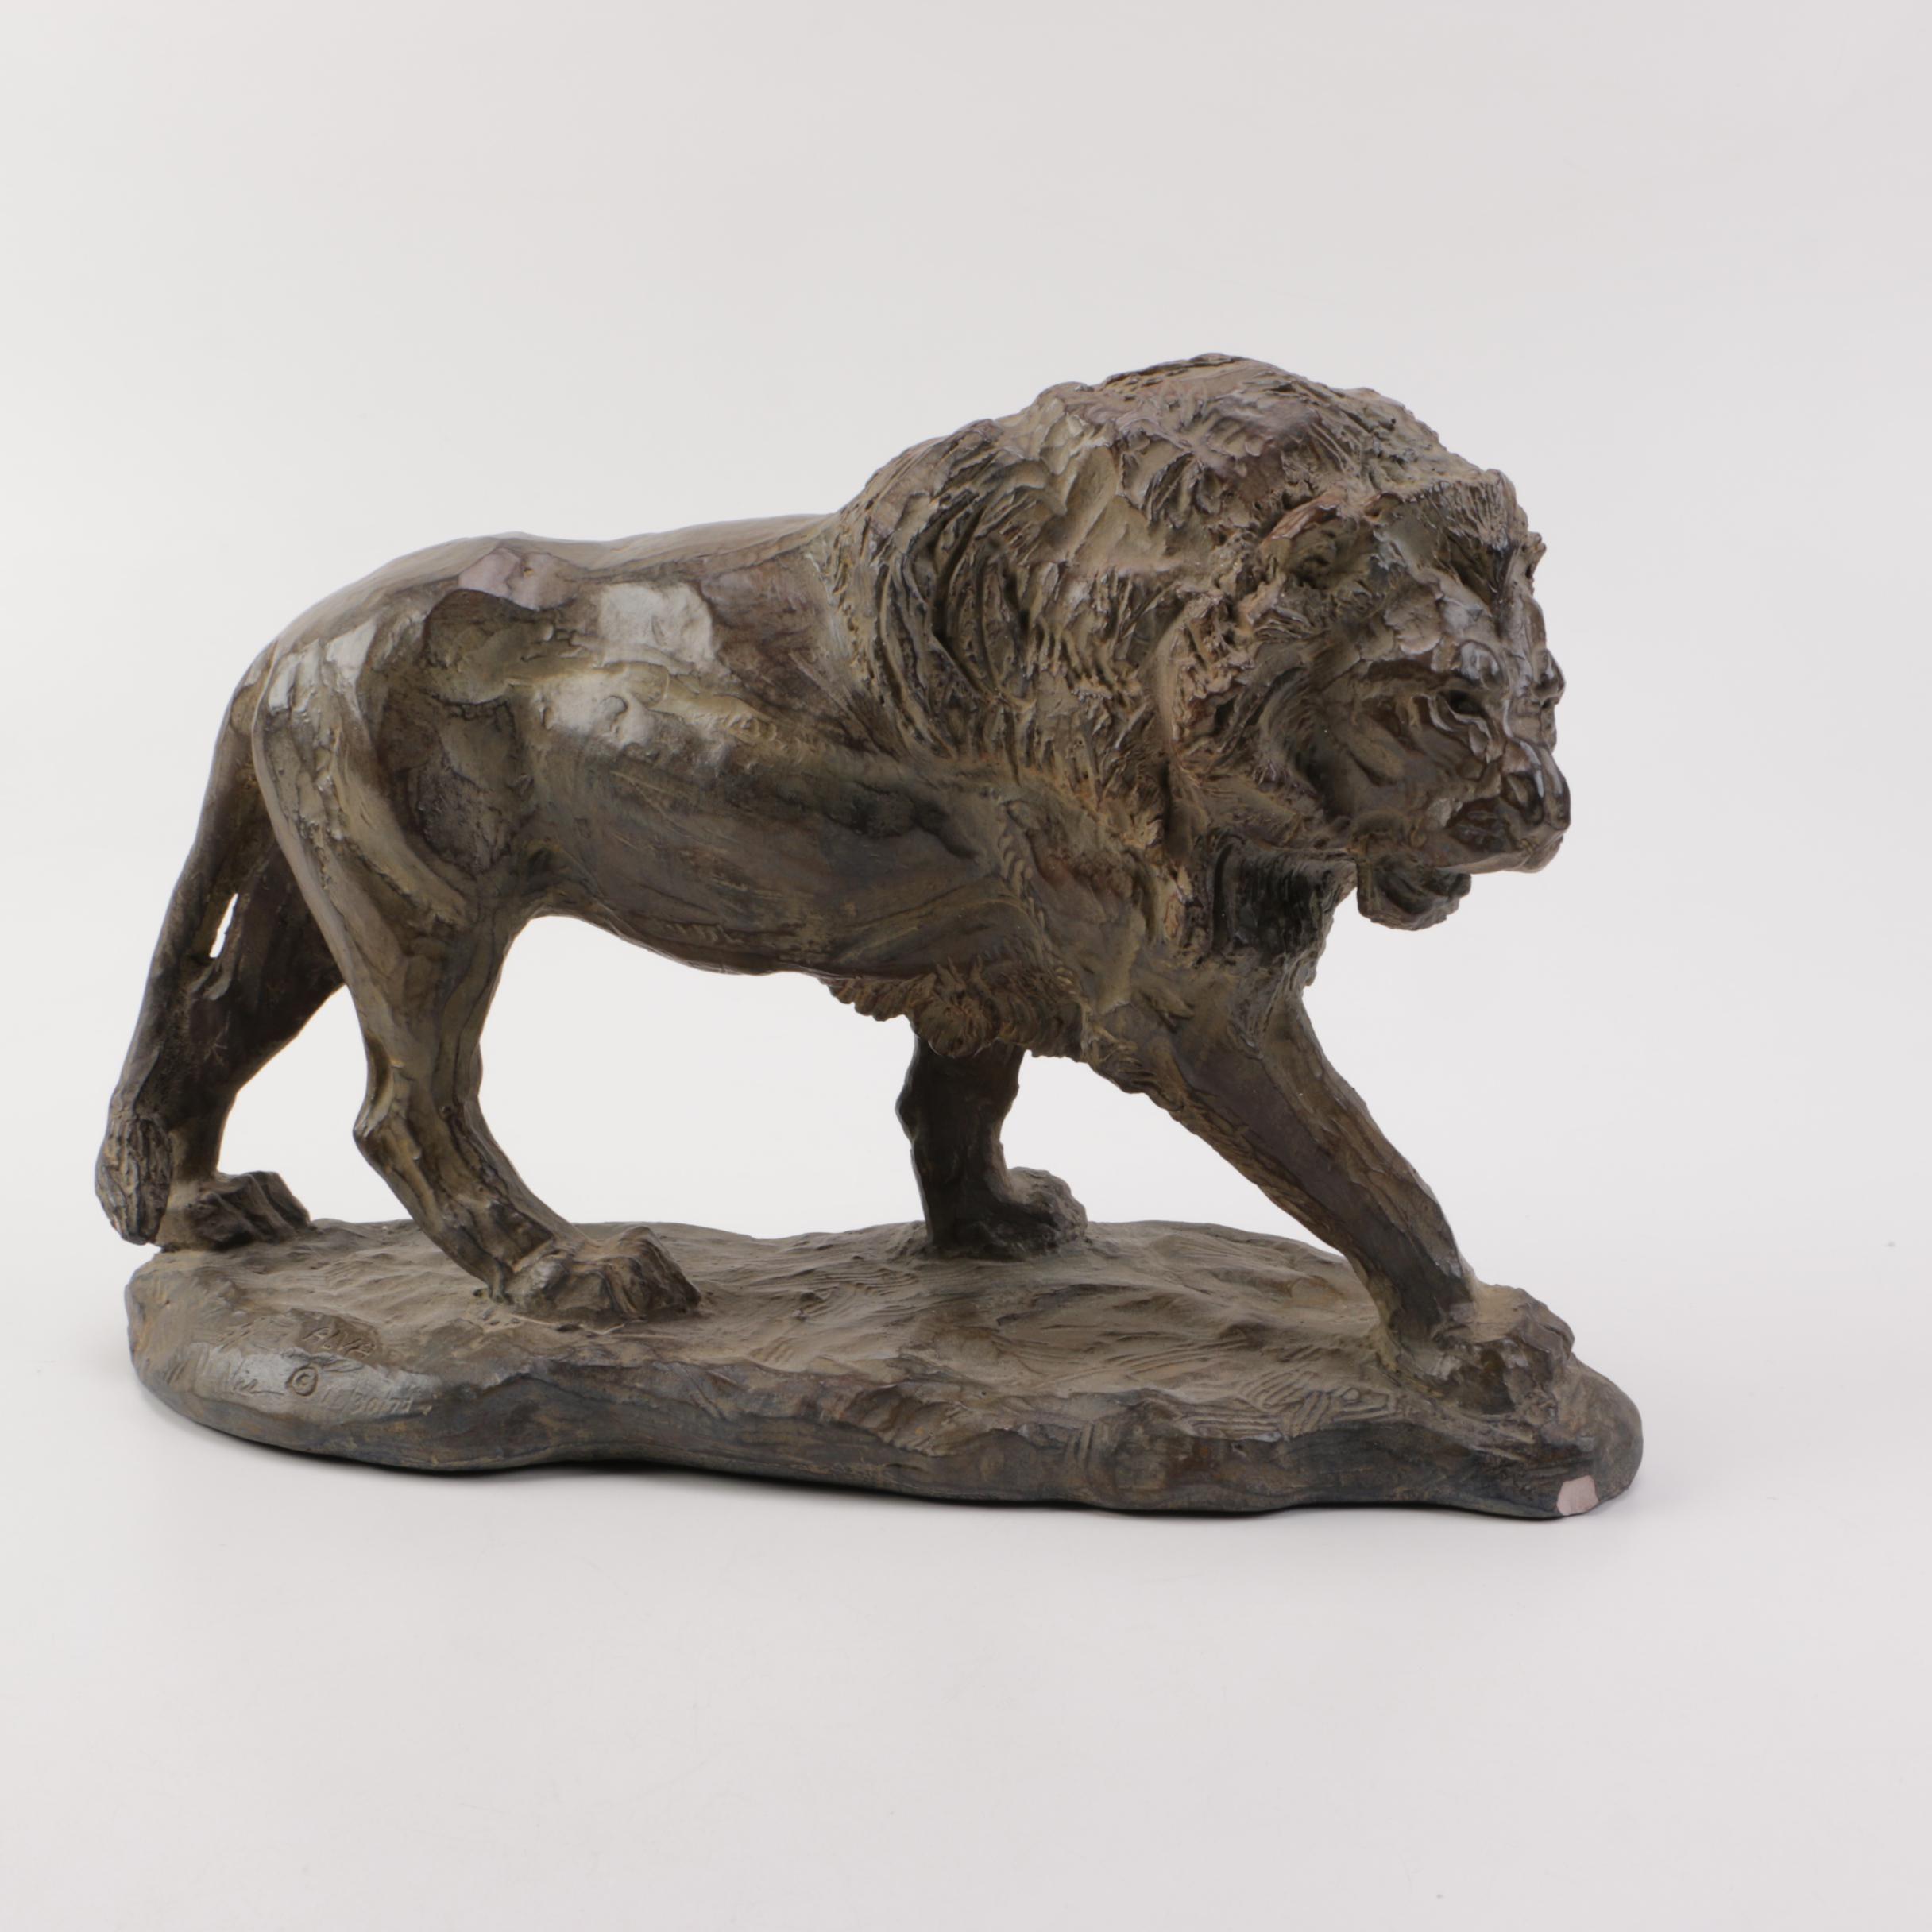 Cast Resin Lion Sculpture